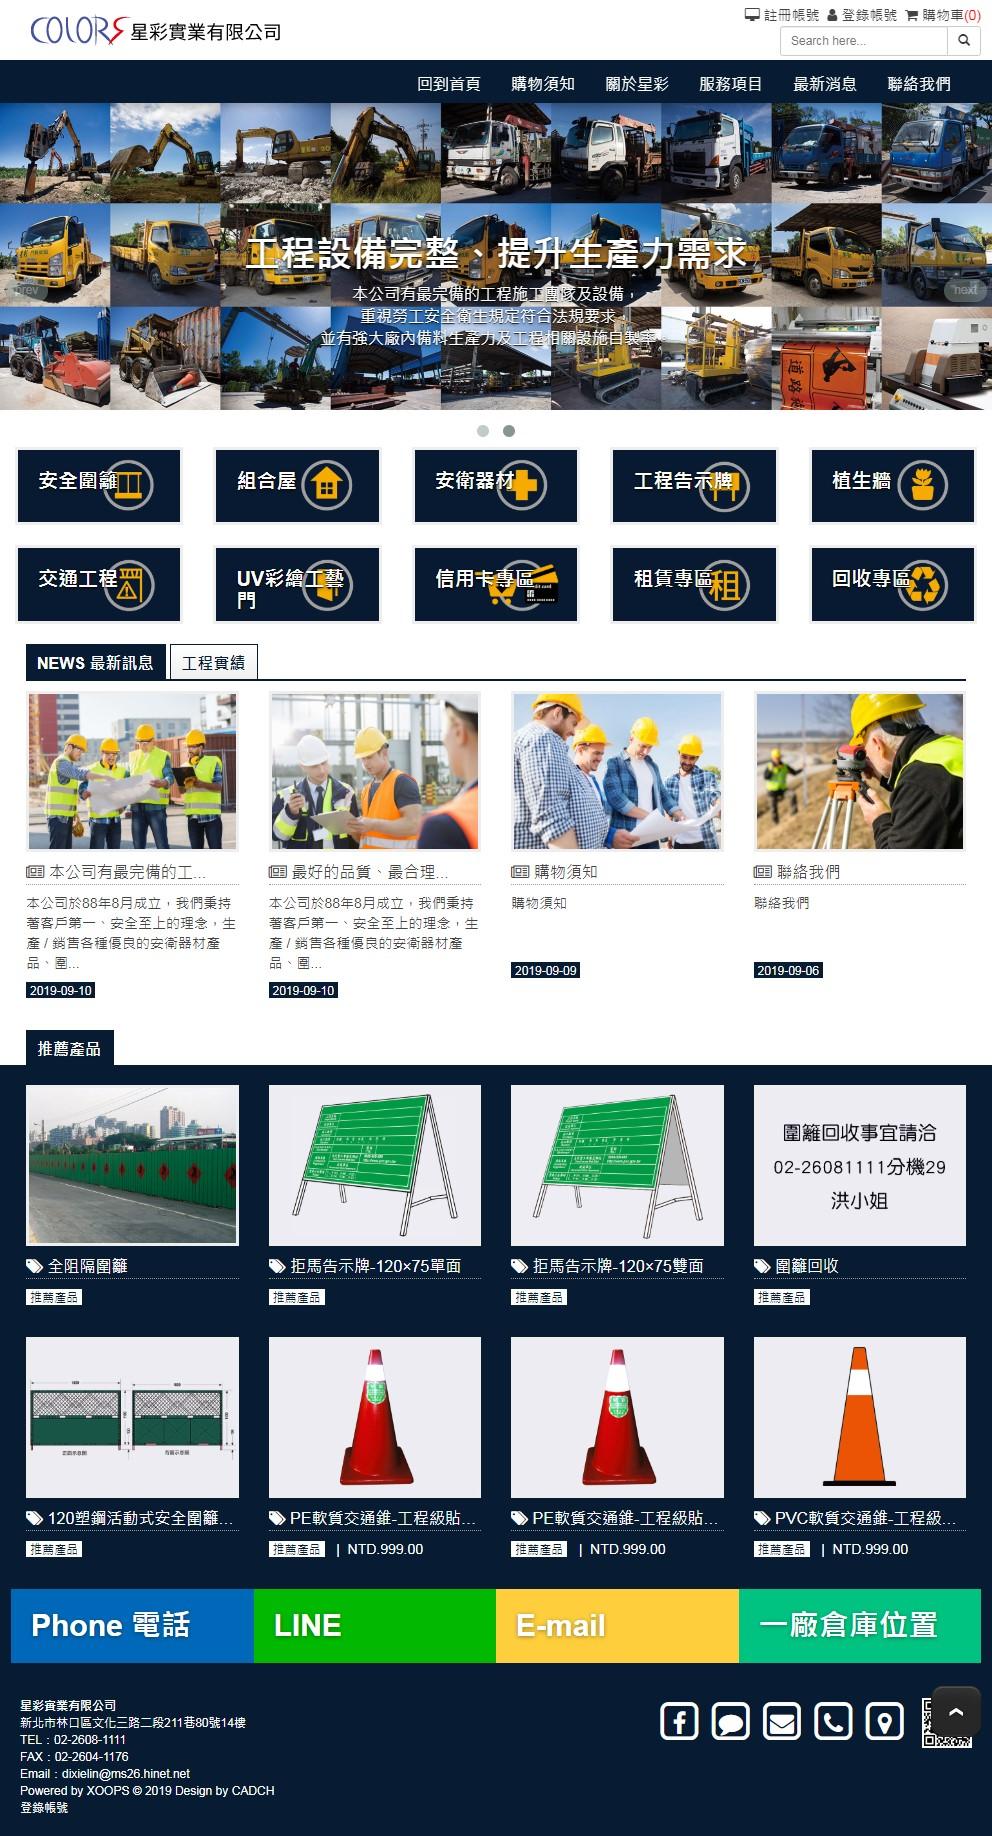 星彩實業有限公司網頁-工程設備完整、提升生產力需求